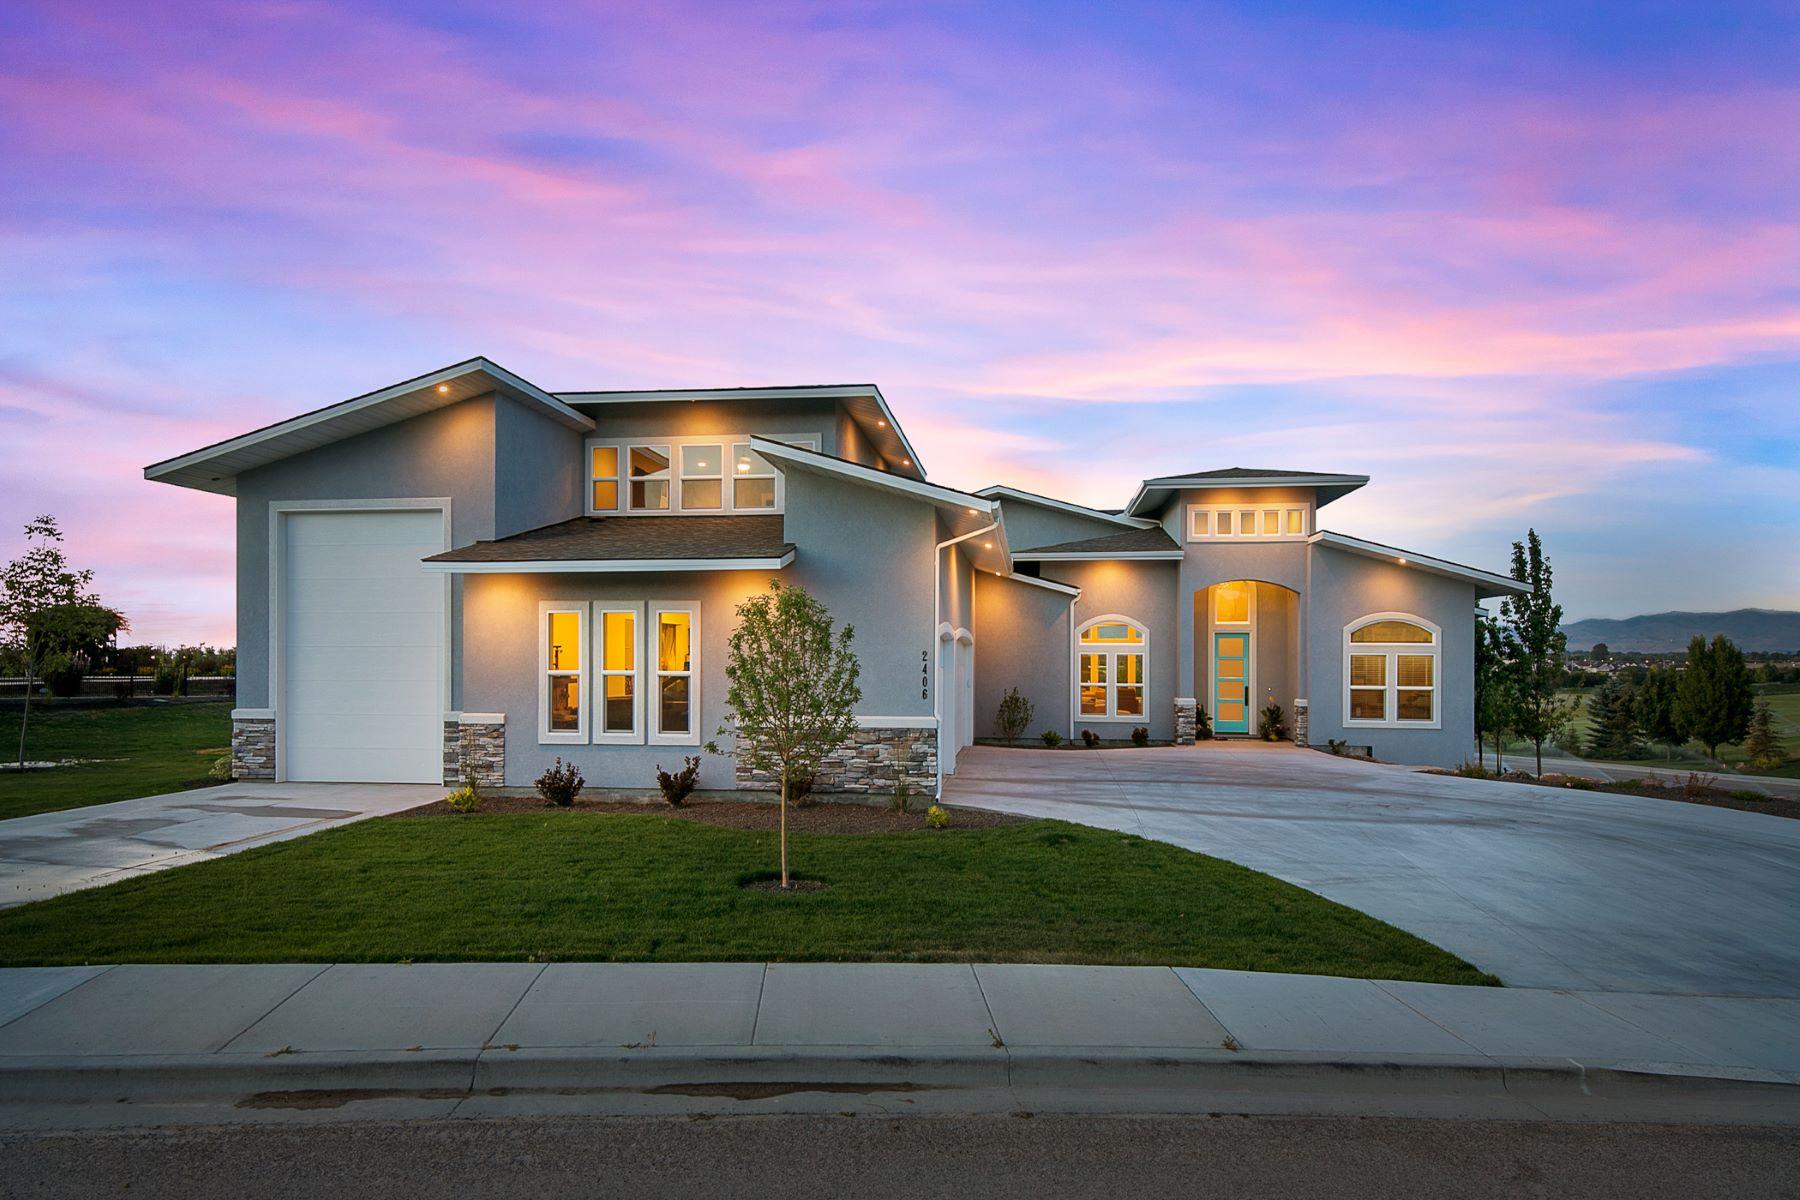 一戸建て のために 売買 アット 2406 Hyper, Meridian Meridian, アイダホ, 83642 アメリカ合衆国